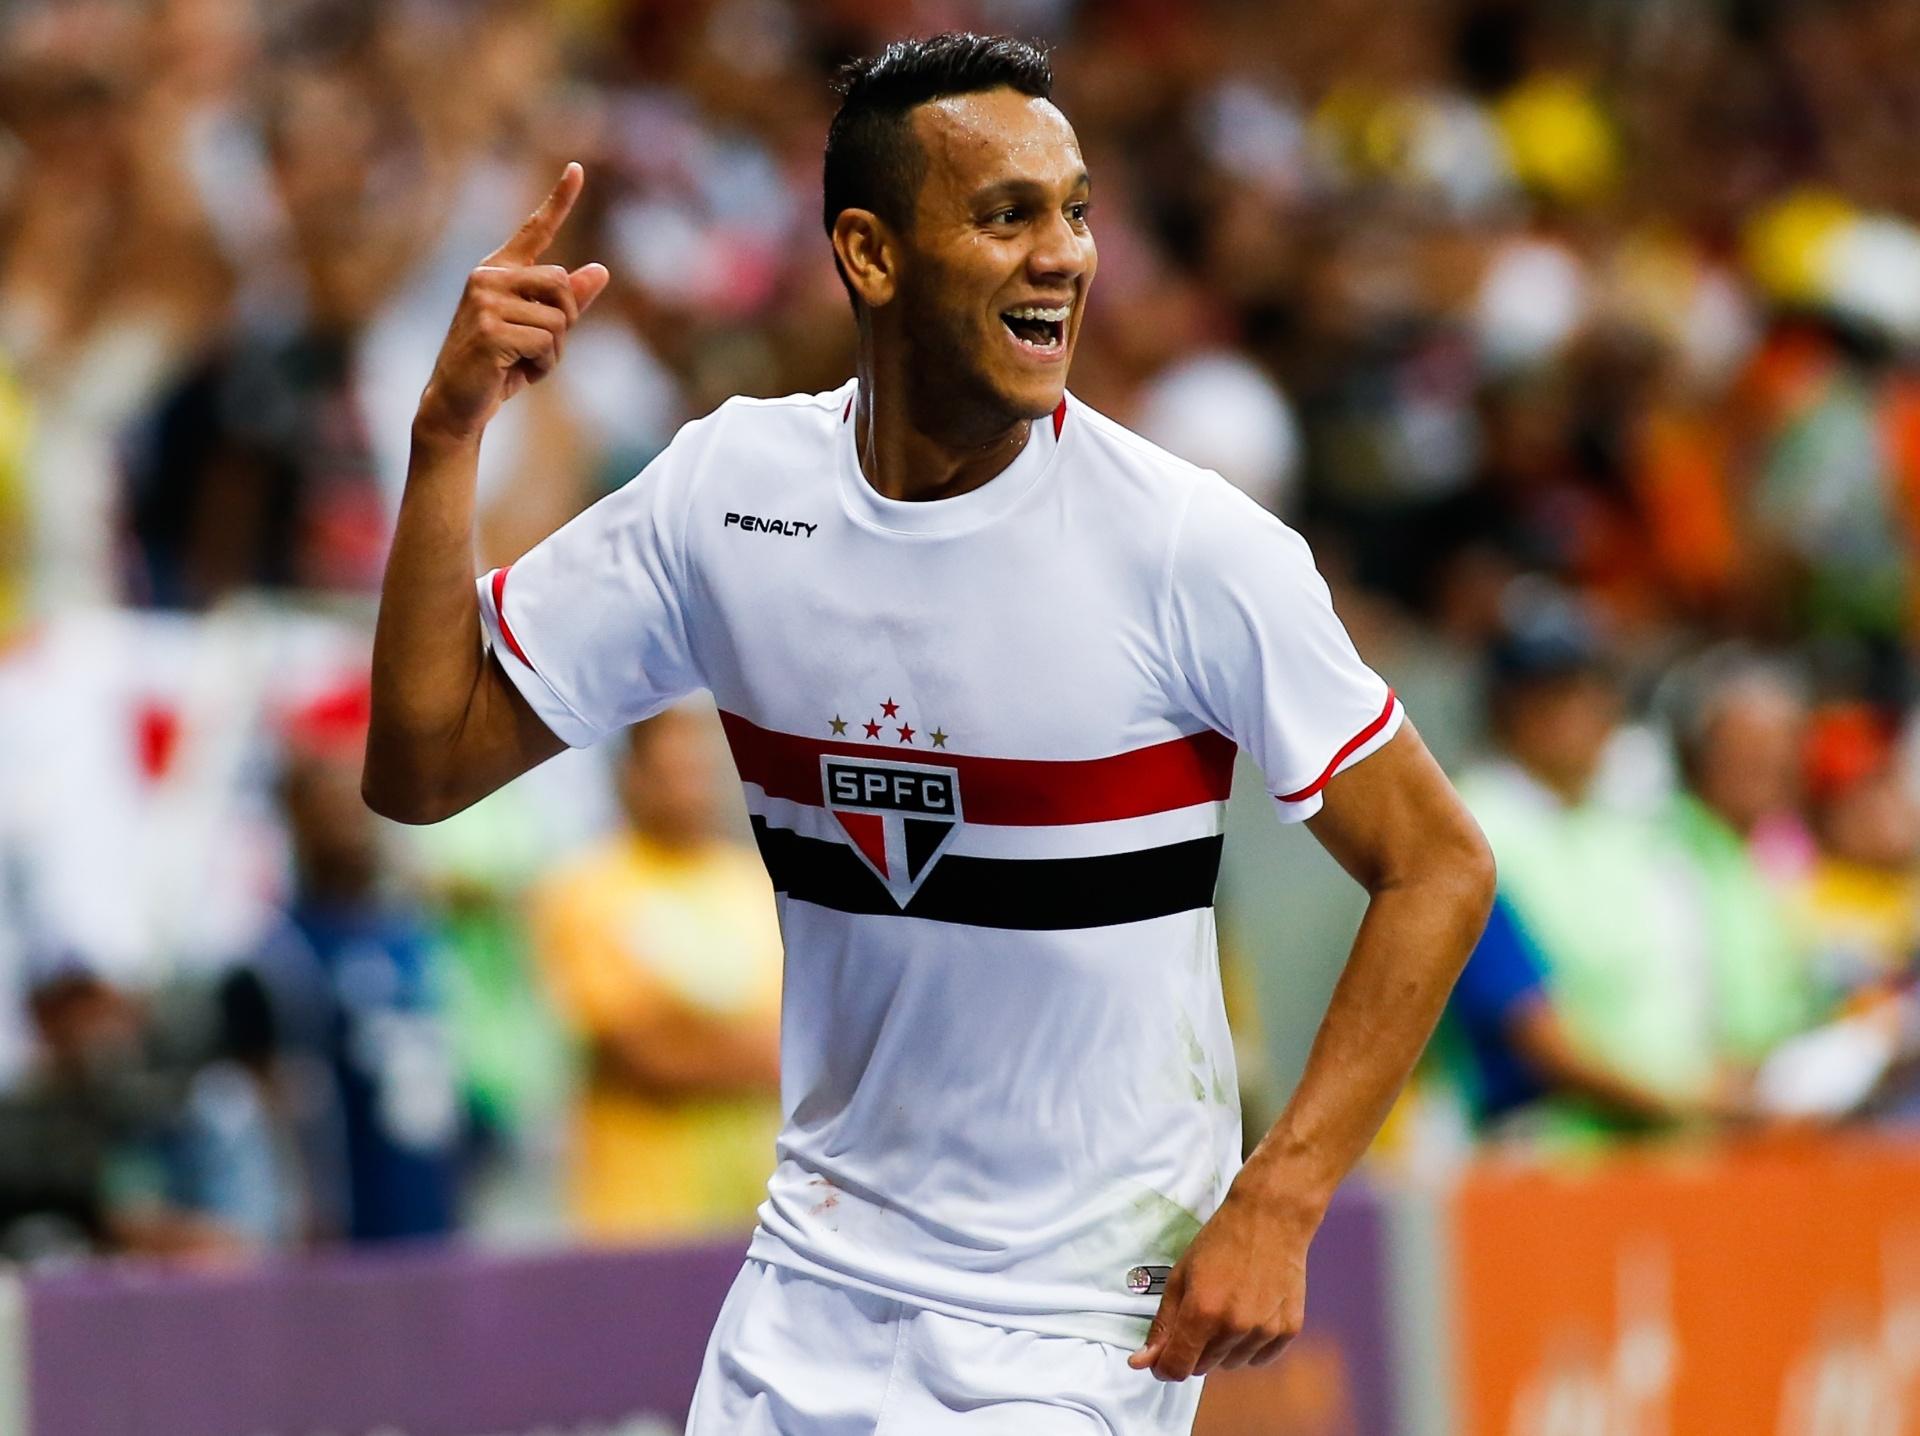 São Paulo exerce direito e compra Souza pouco após a 1ª convocação -  20 10 2014 - UOL Esporte 1abf925601772